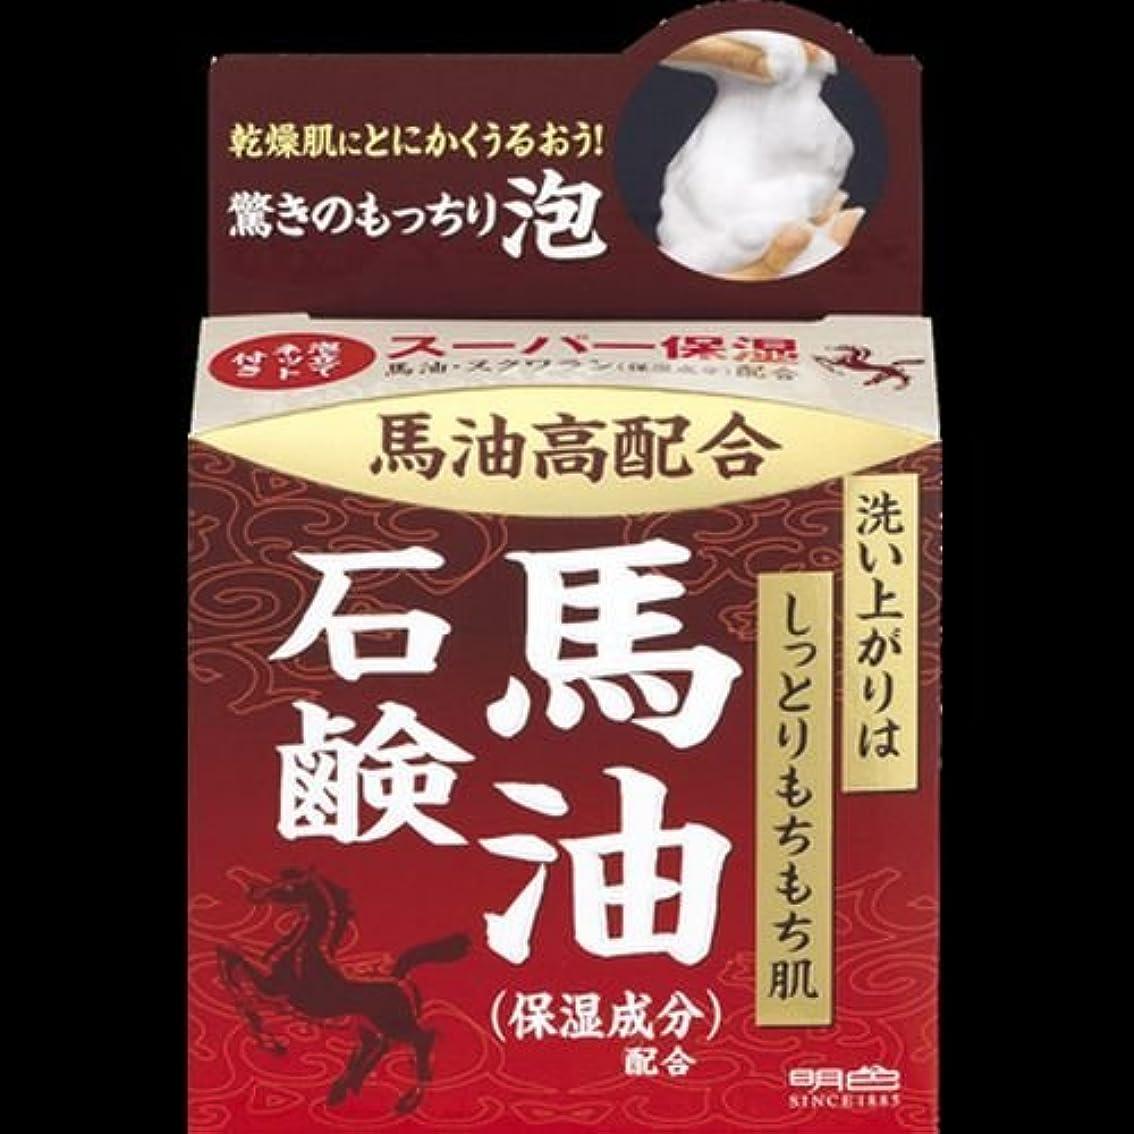 忌み嫌う予想外影響【まとめ買い】明色うるおい泡美人 馬油石鹸 ×2セット